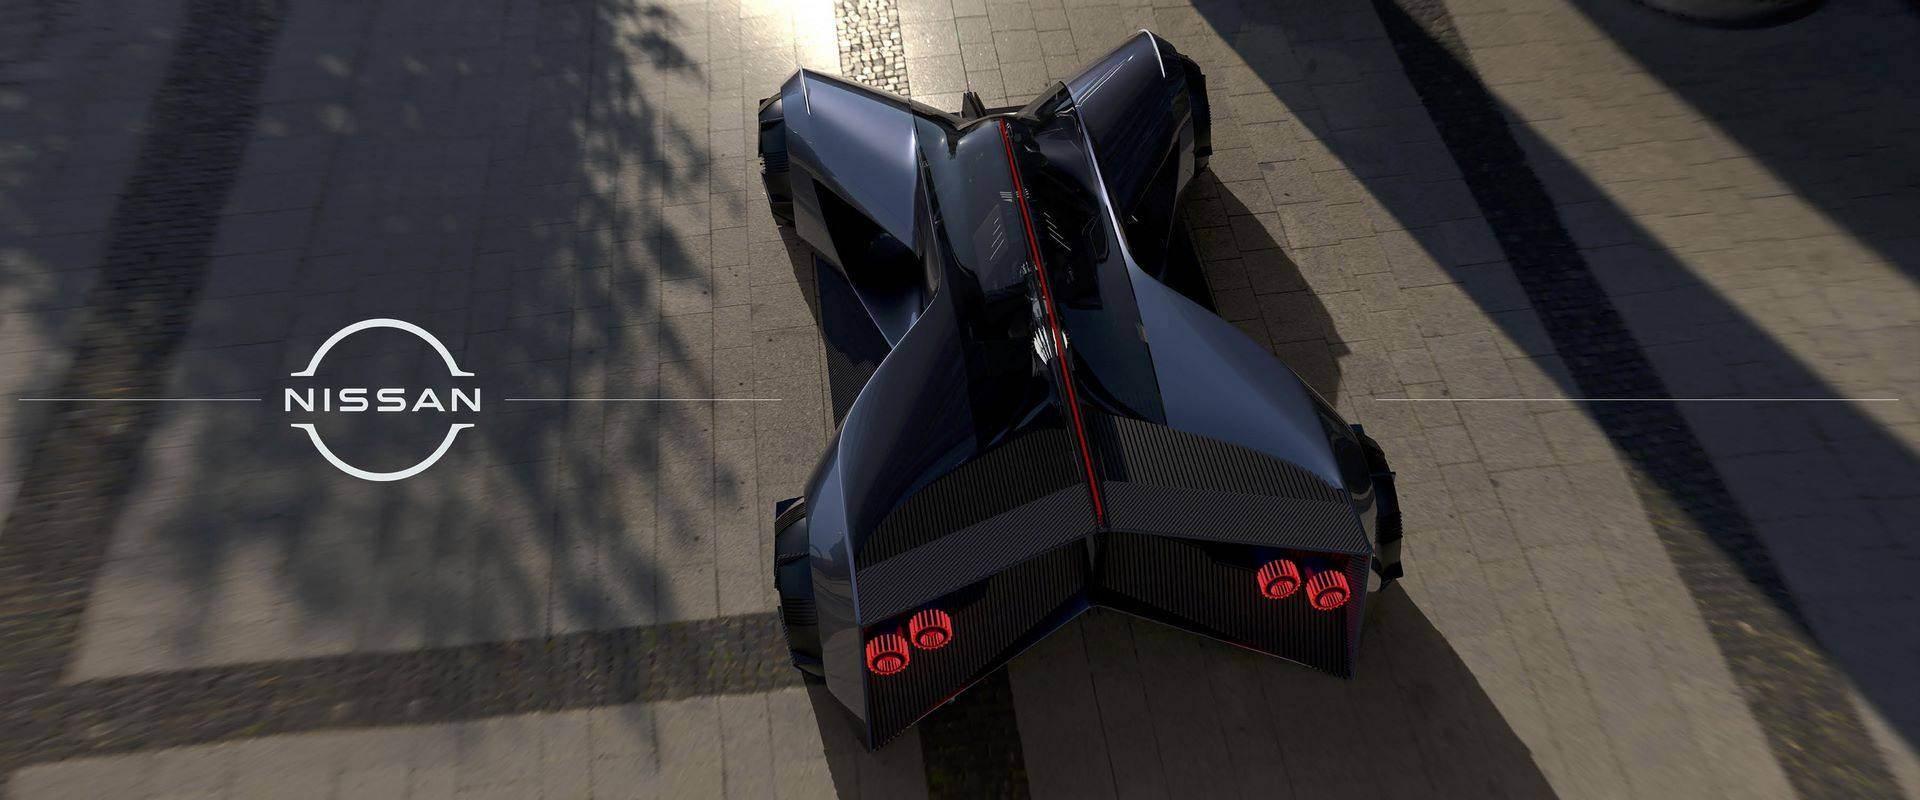 Nissan-GT-R-X-2050-Concept-23